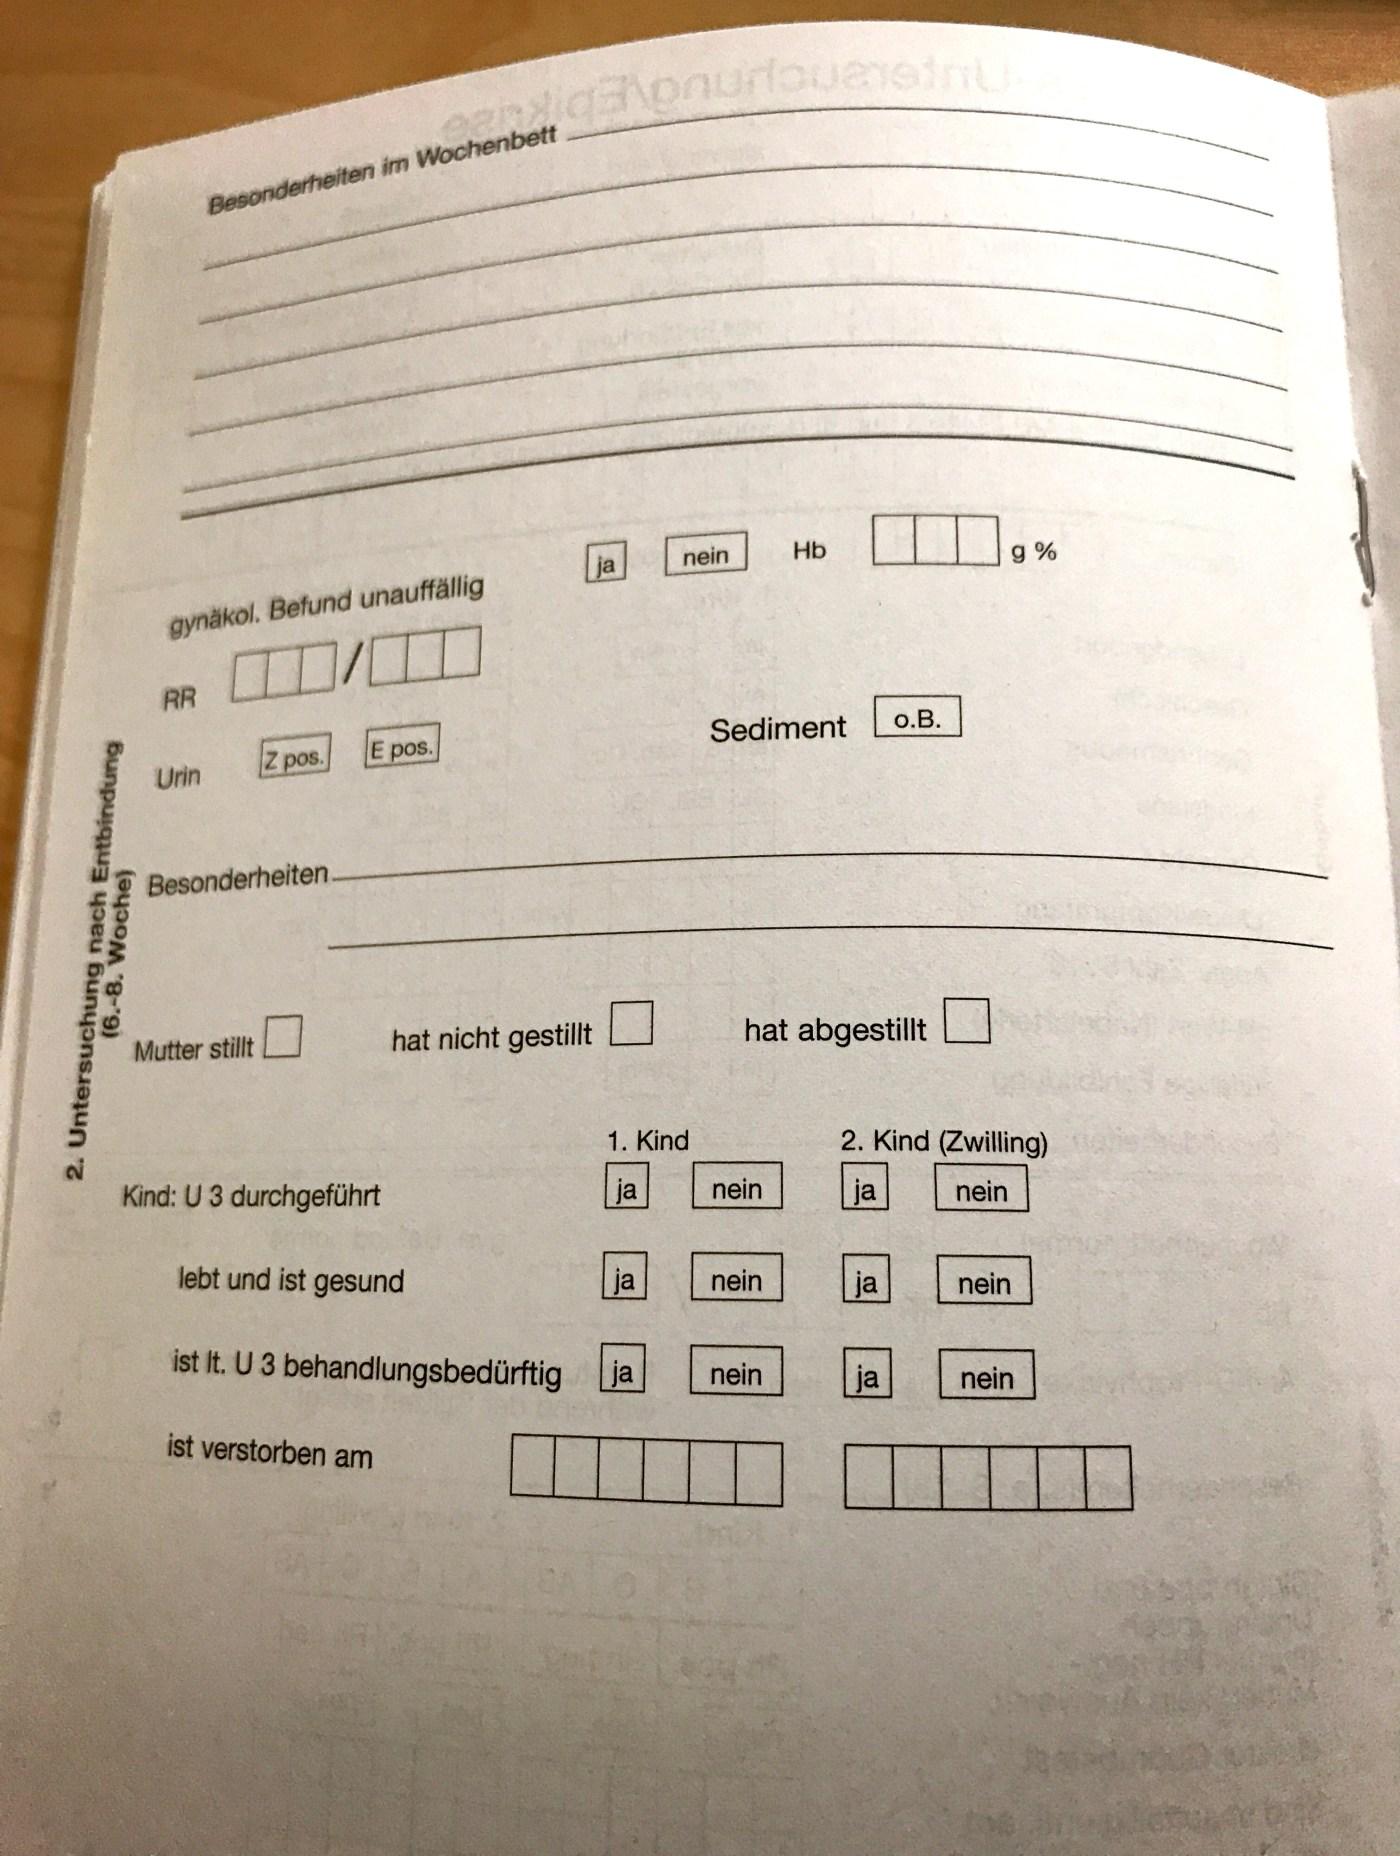 Abschlussuntersuchung documented in Mutterpass